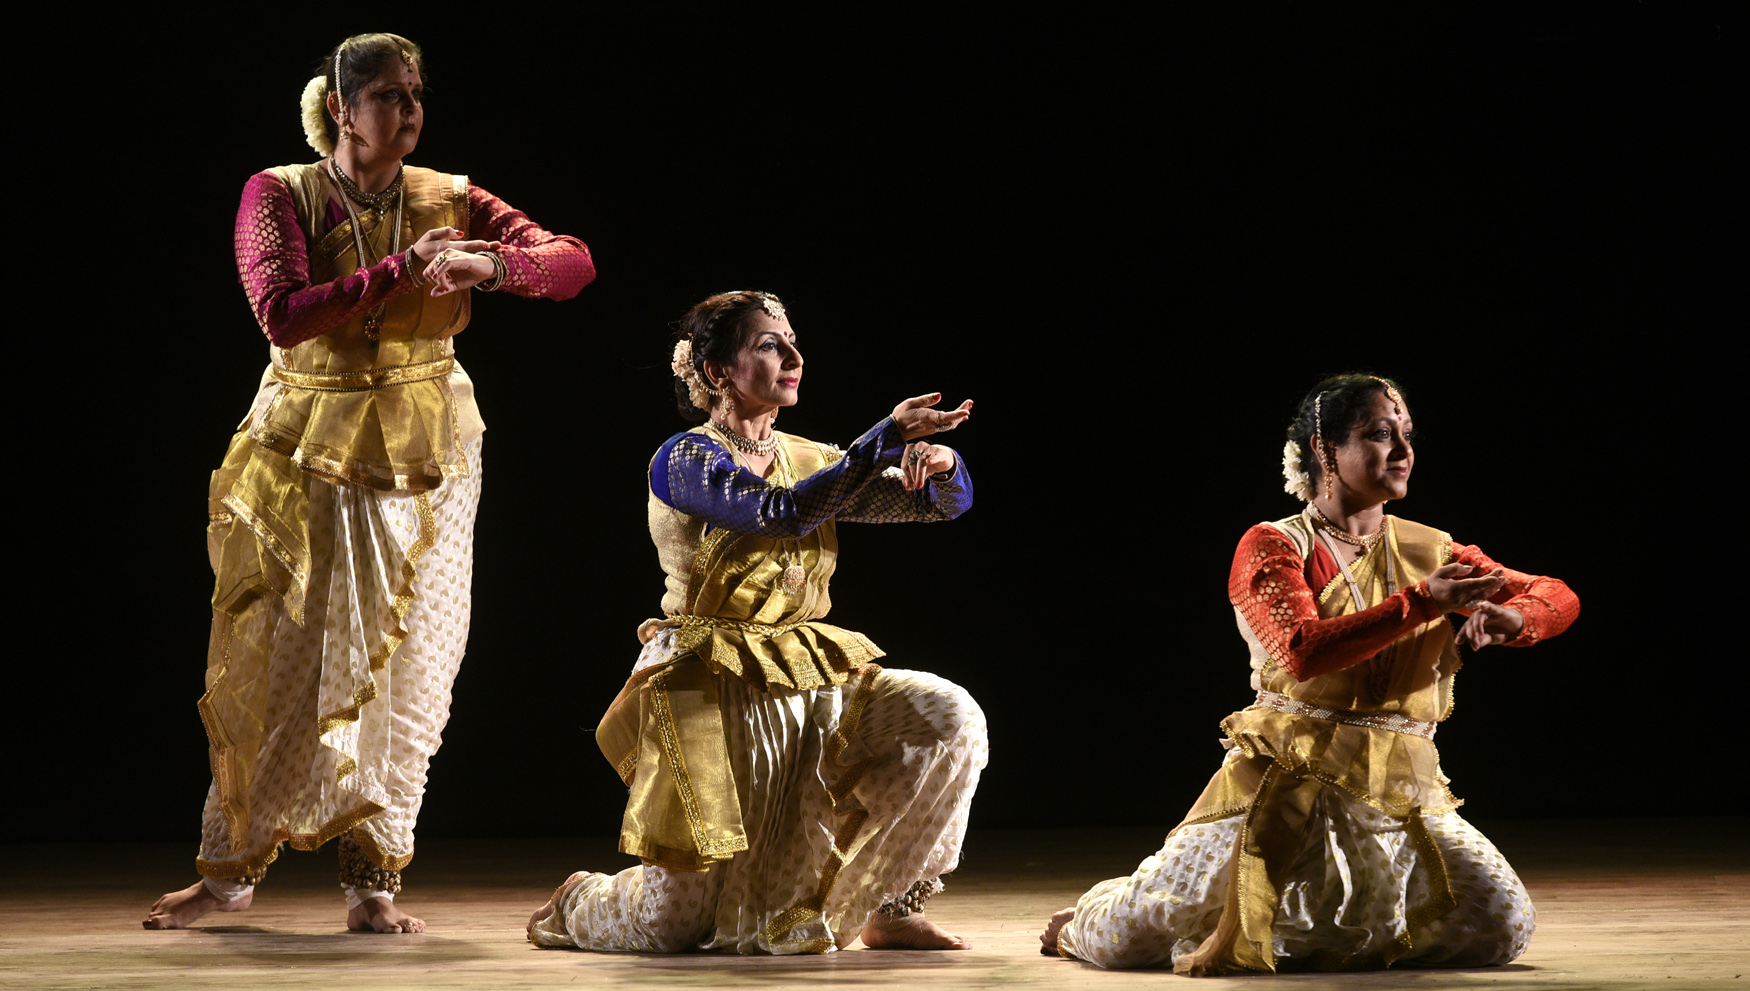 स्वरचित नृत्याविष्कारांतून गुरुदक्षिणा अर्पण